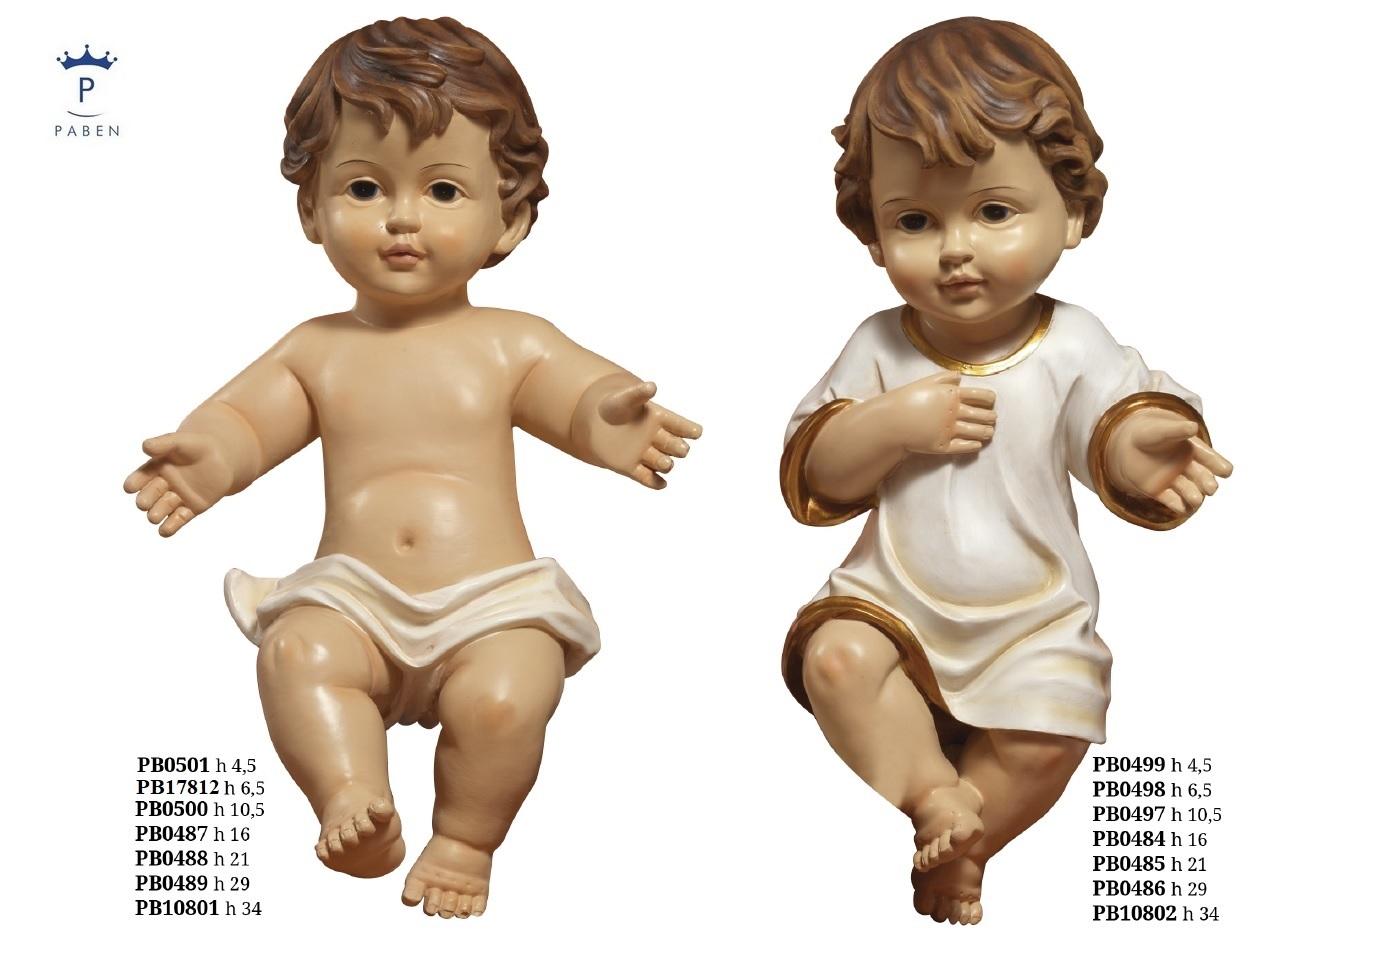 15E8 - Bambinelli - Natale e Altre Ricorrenze - Prodotti - Rebolab